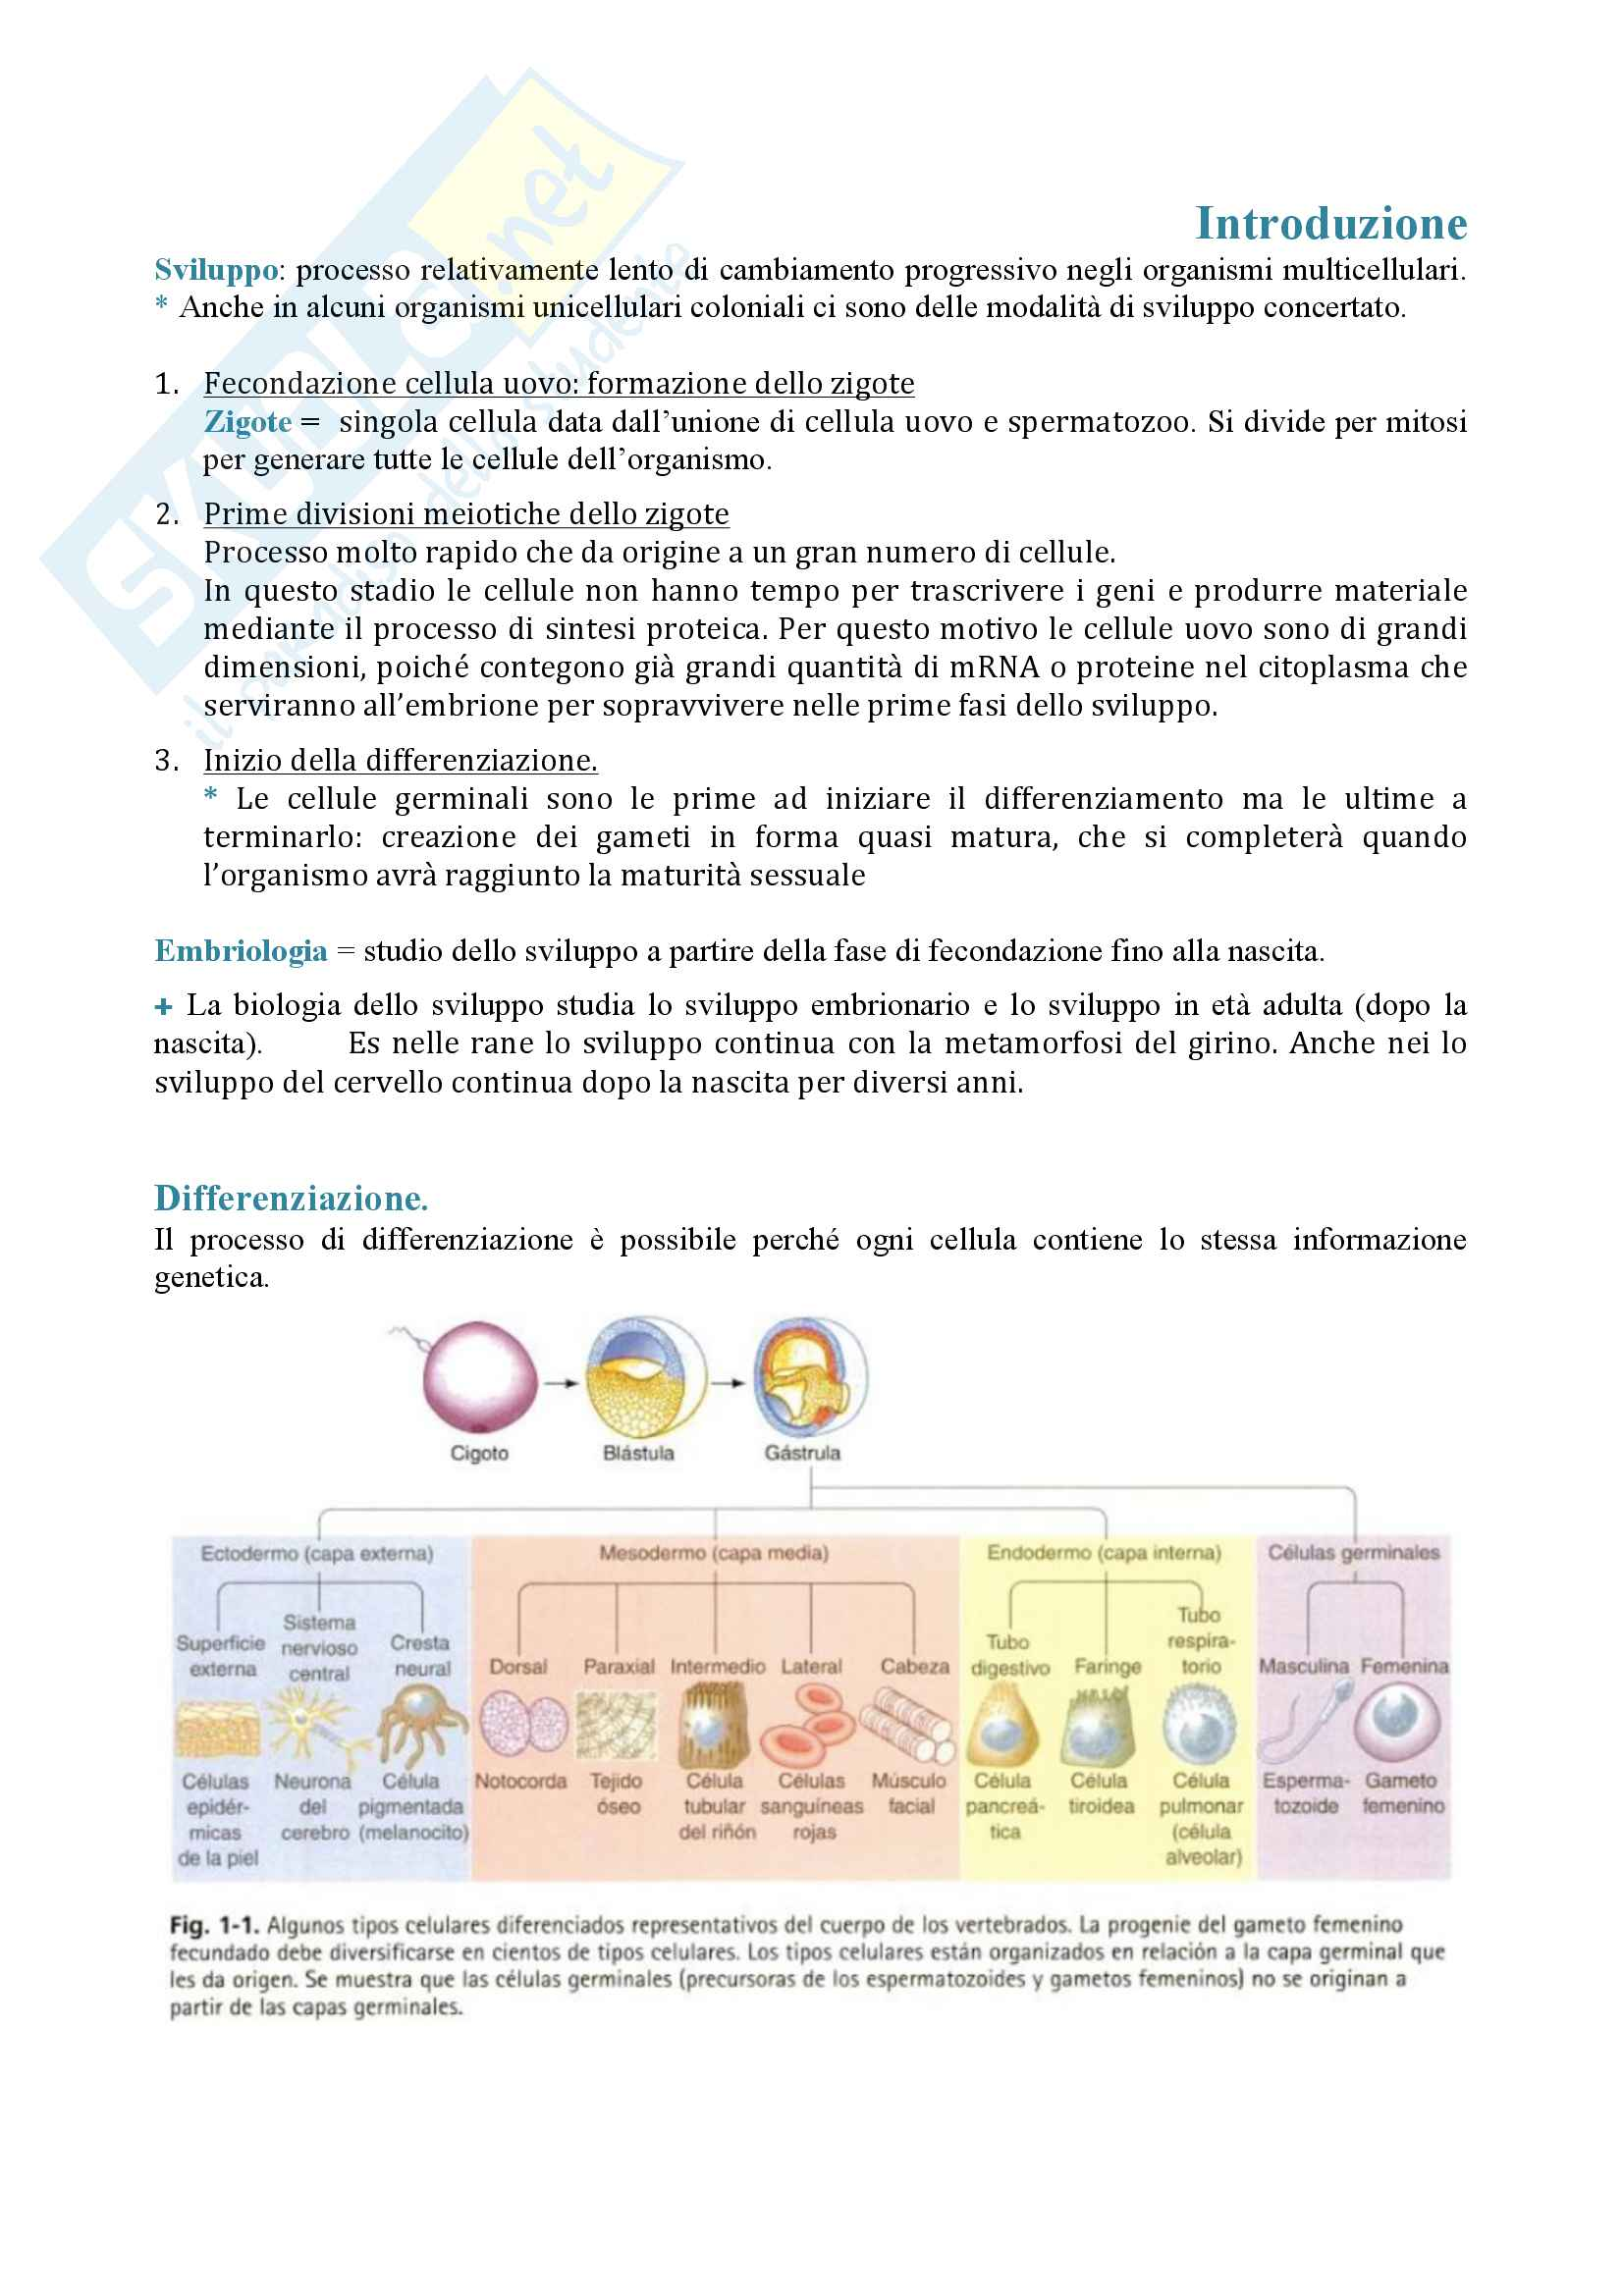 Appunti biologia dello sviluppo